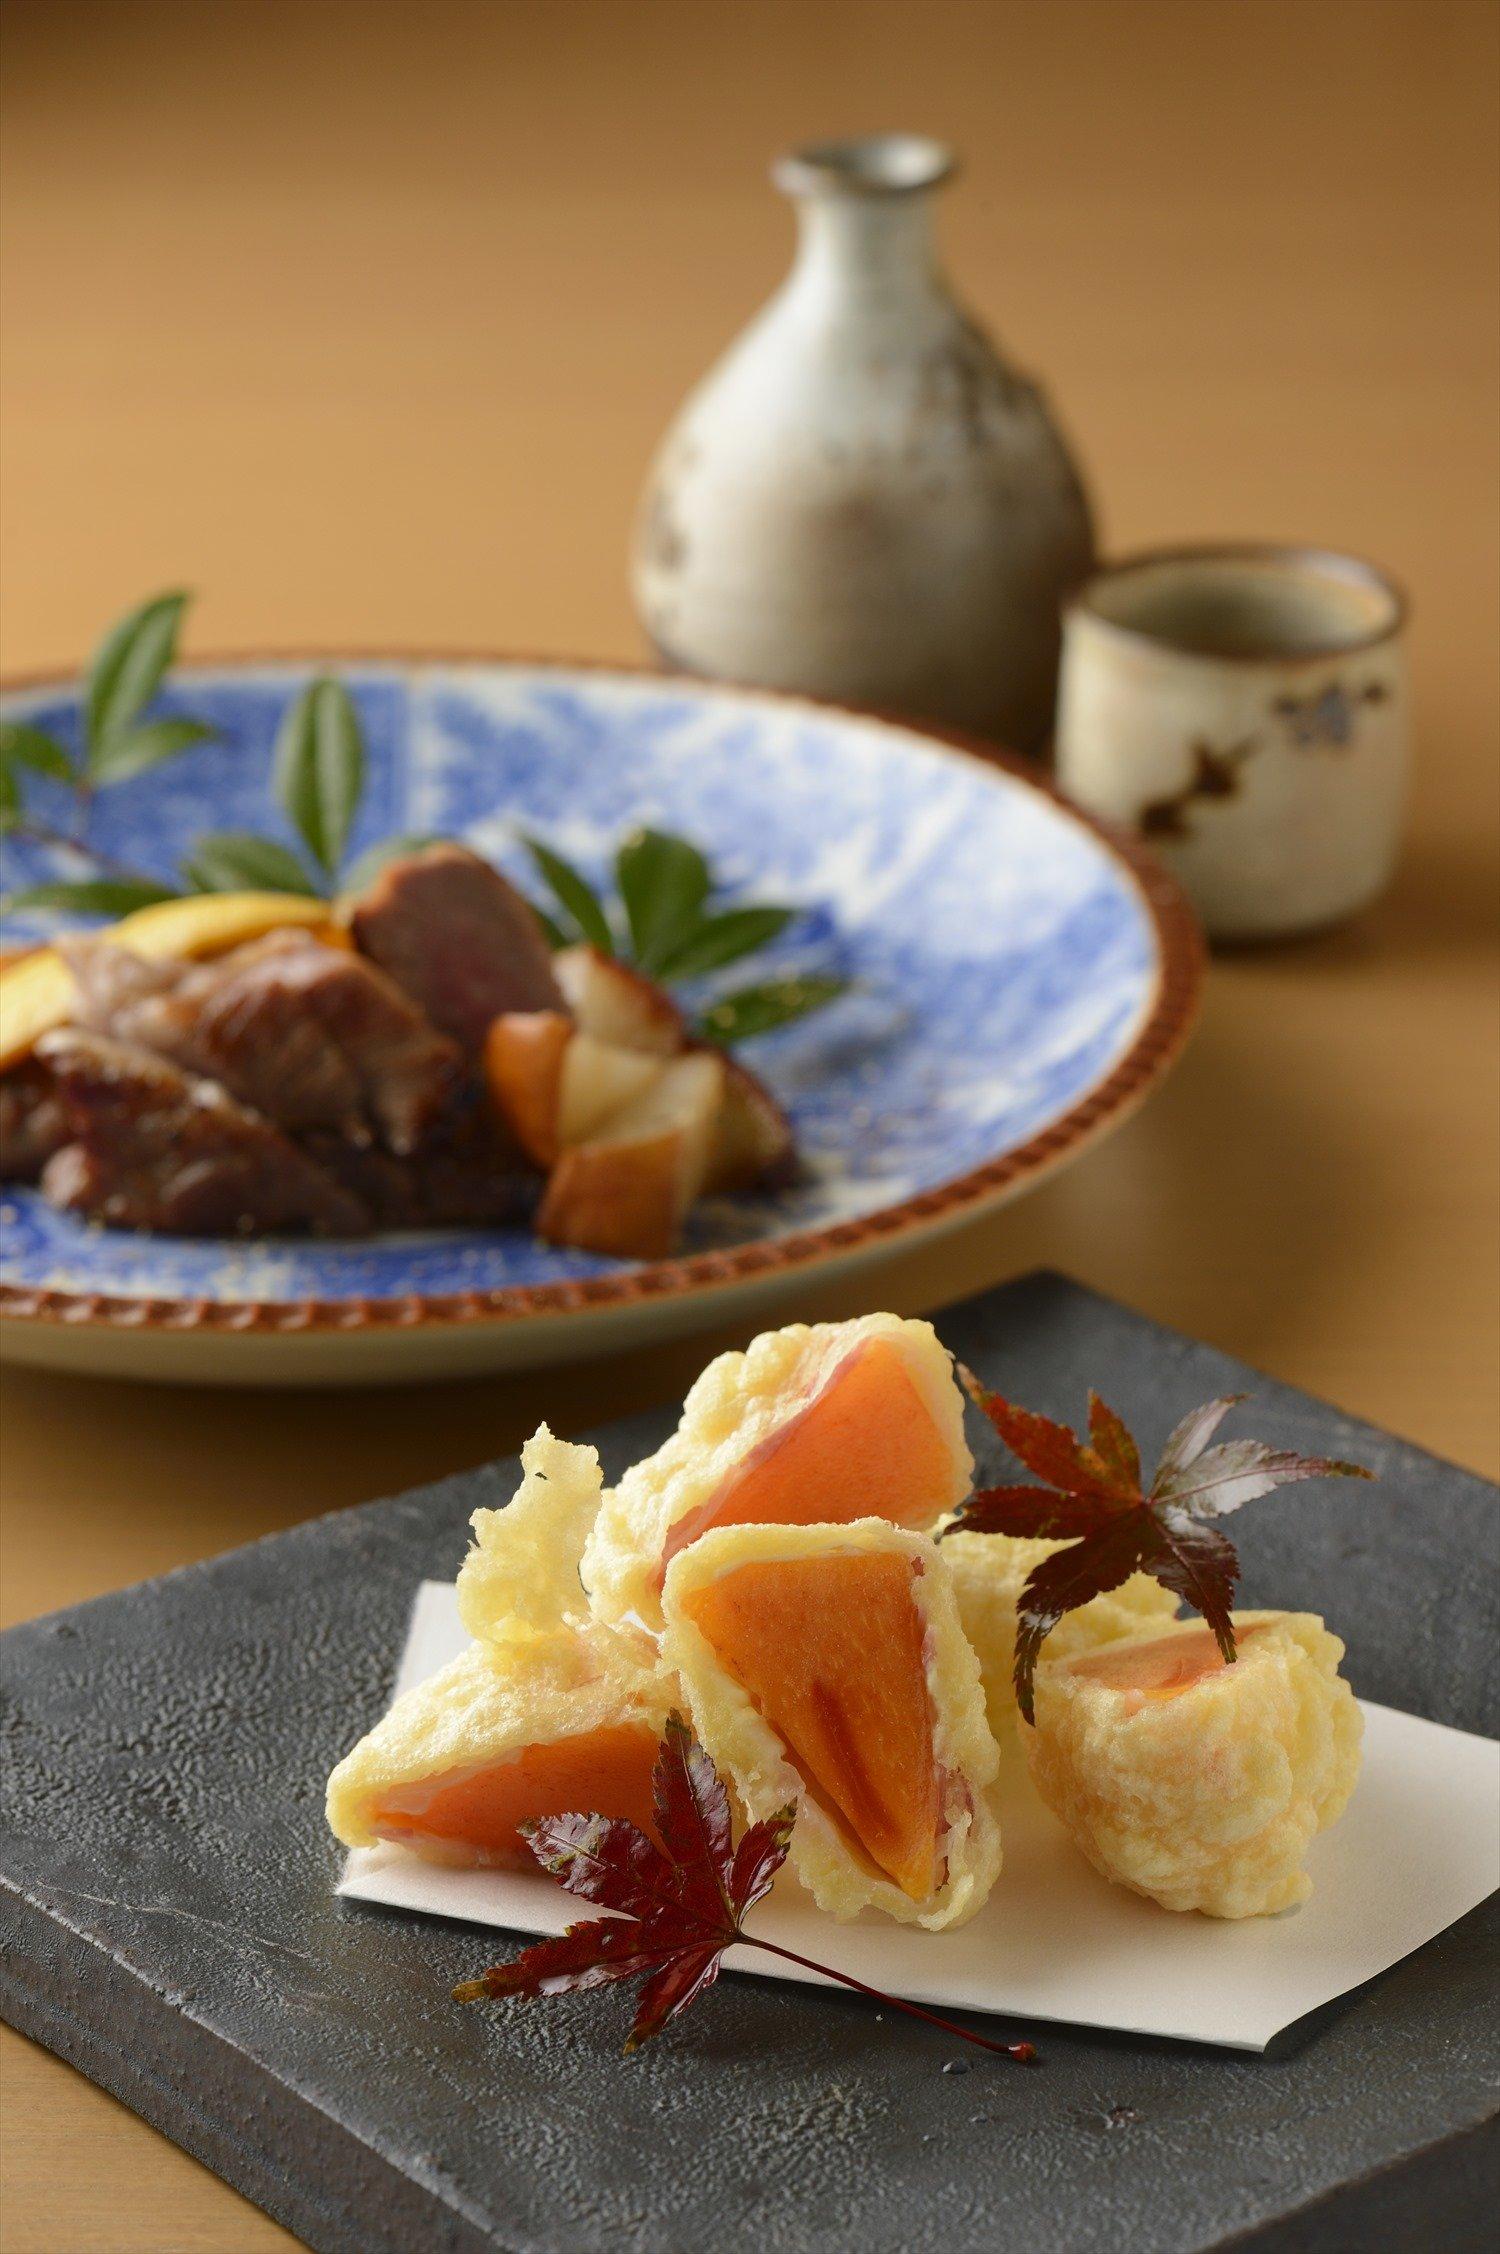 メニューは日替わり。果肉がとろける柿の天ぷら700円。ラム肩肉の麦味噌漬け 梨のソテー1300円。